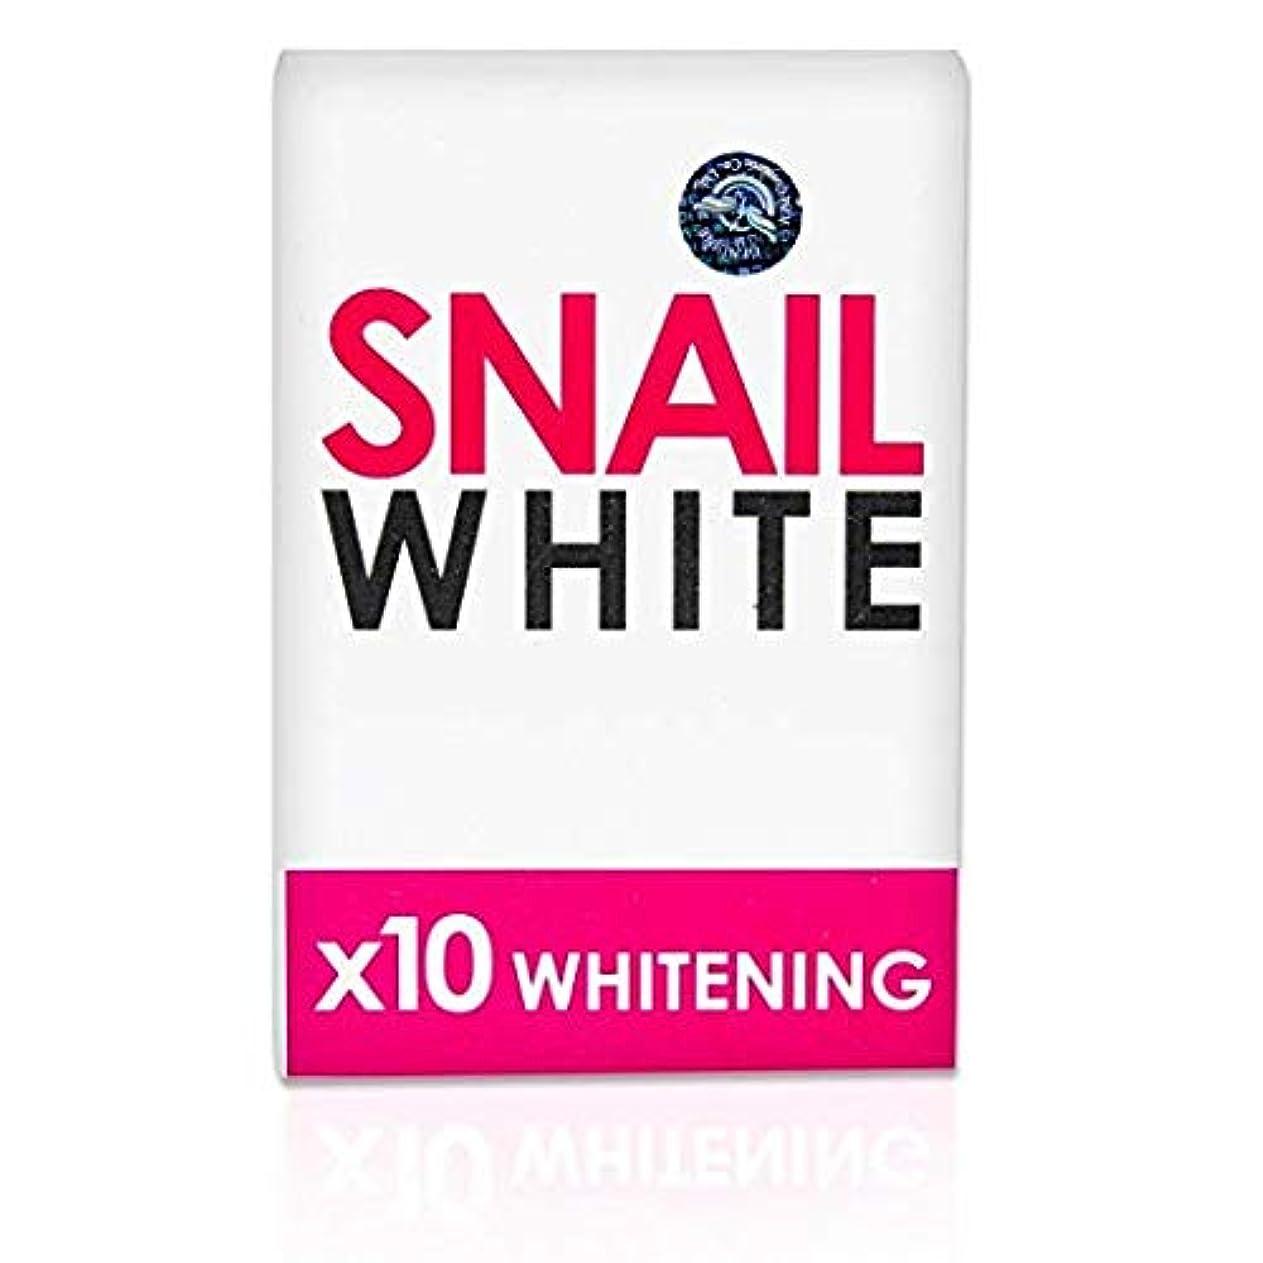 無知説得力のあるコンデンサースネイルホワイト Gluta Snail White x10 Whitening by Dream ホワイトニング 固形石鹸 2個